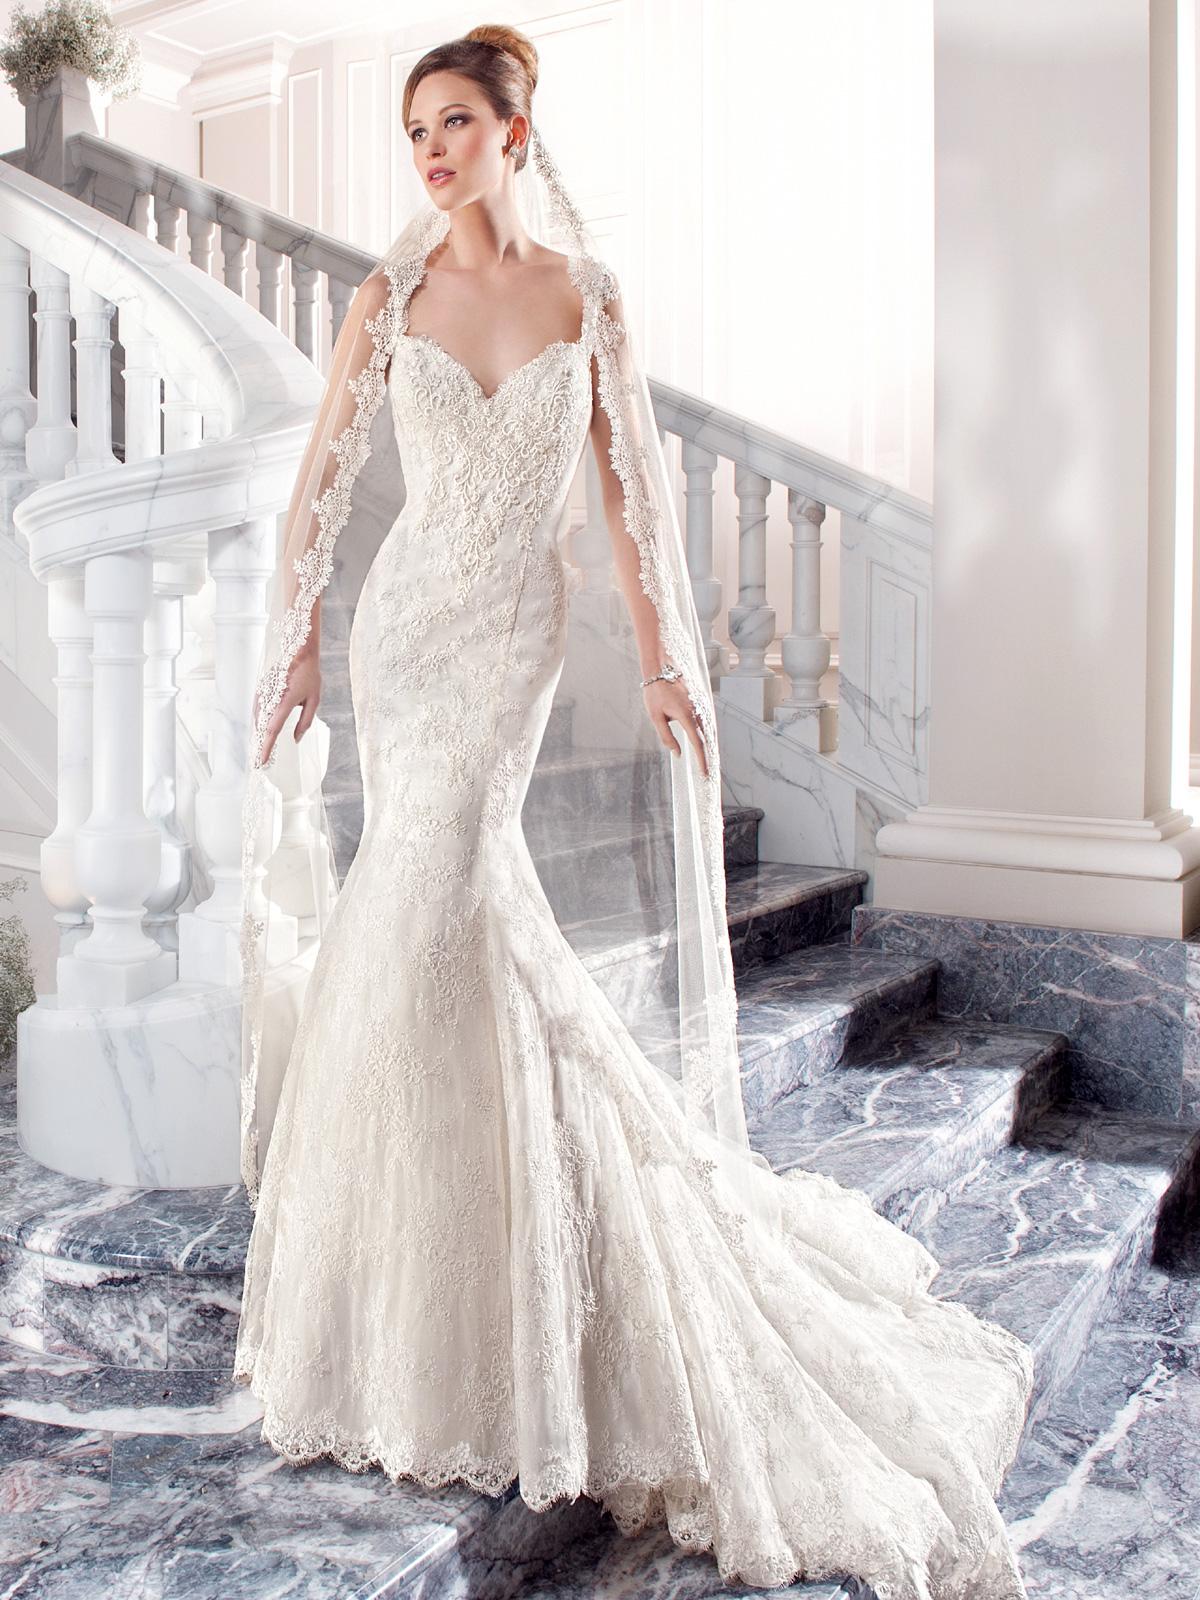 Vestido de Noiva com alças e todo em renda francesa, corte sereia com decote princesa na frente e costas bem profunda, leve cauda com barrado.